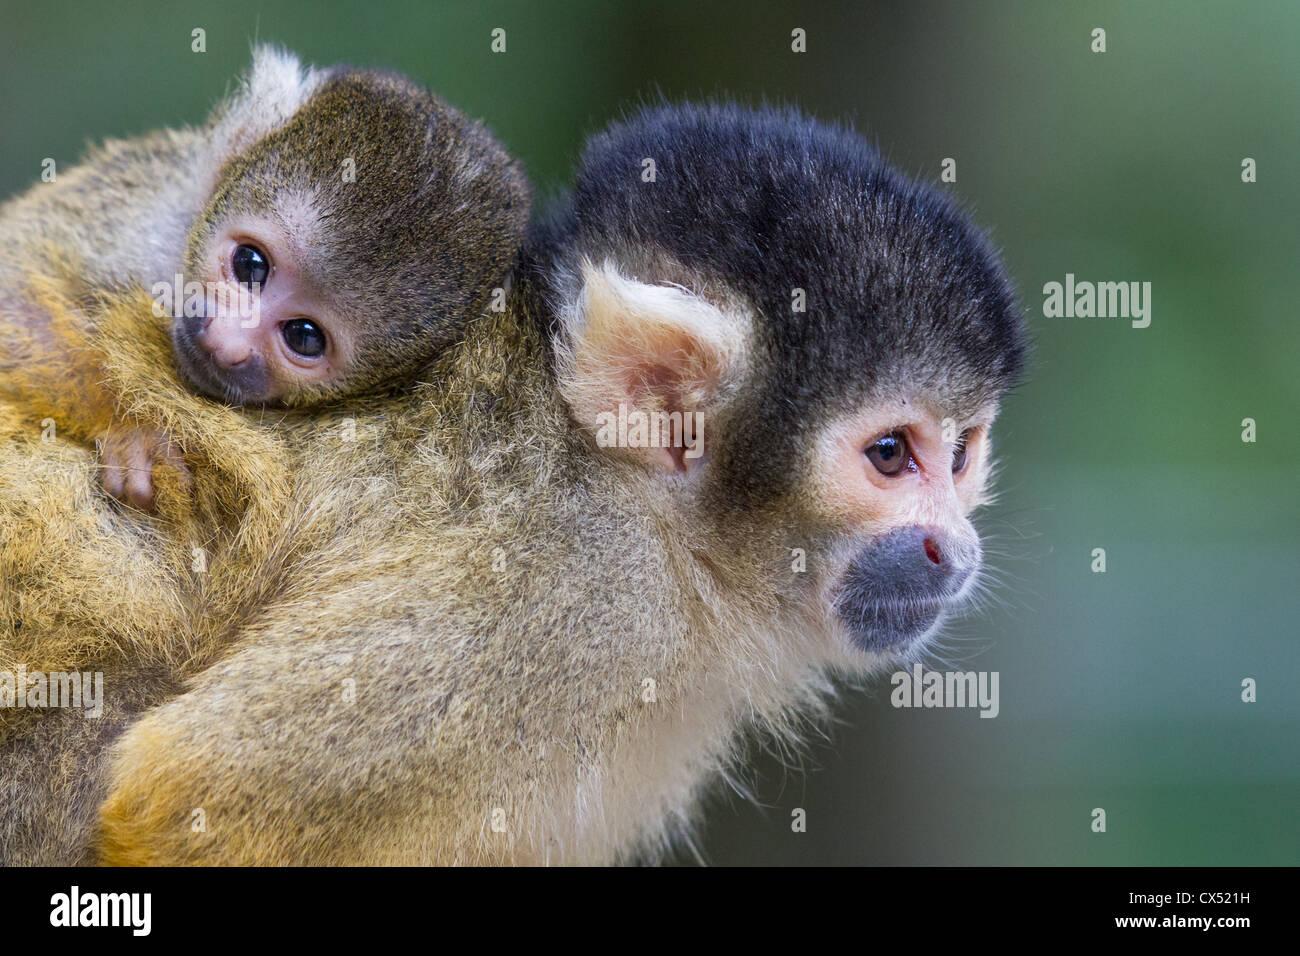 Boliviano hembra mono ardilla (Saimiri boliviensis) llevando los jóvenes sobre su espalda. Imagen De Stock